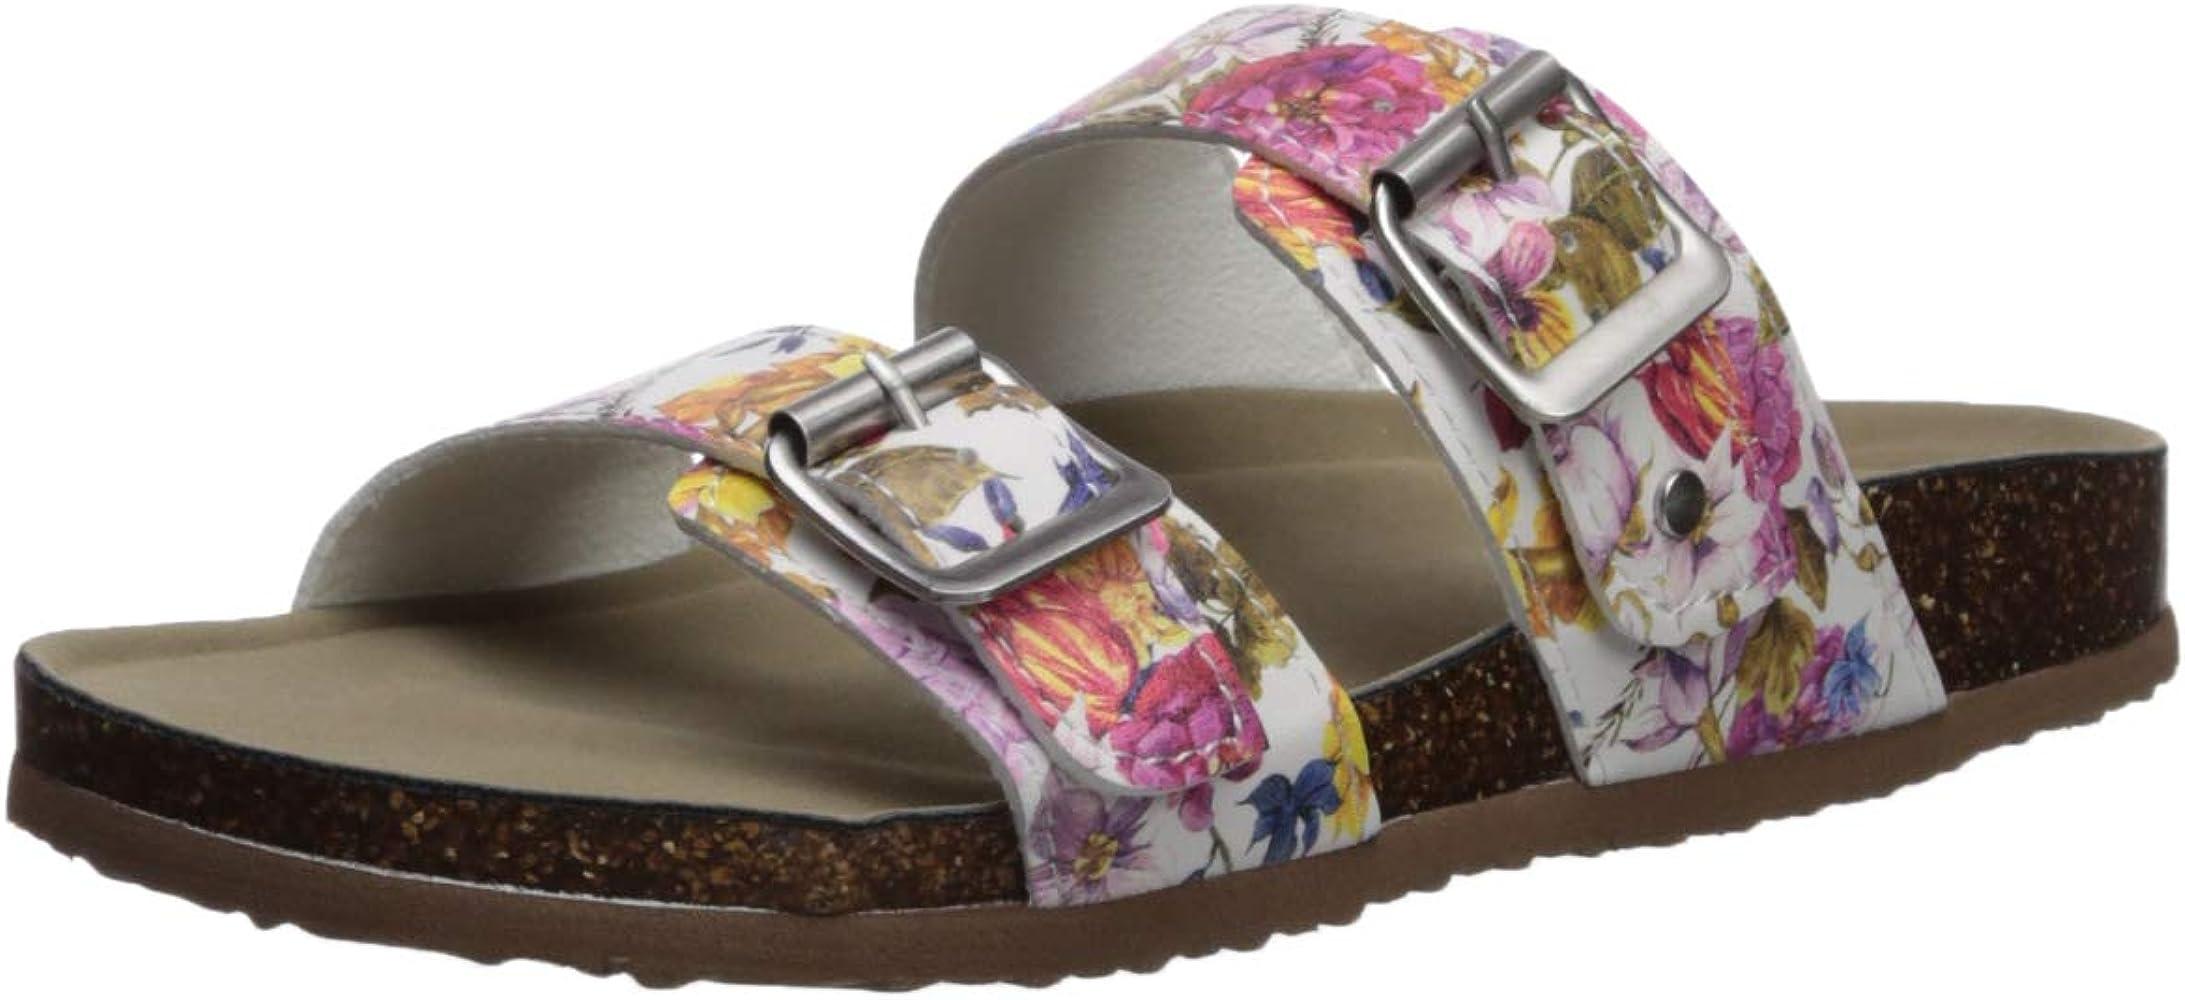 cad0f29258a Amazon.com | Madden Girl Women's Brando Slide Sandal, White Flower ...